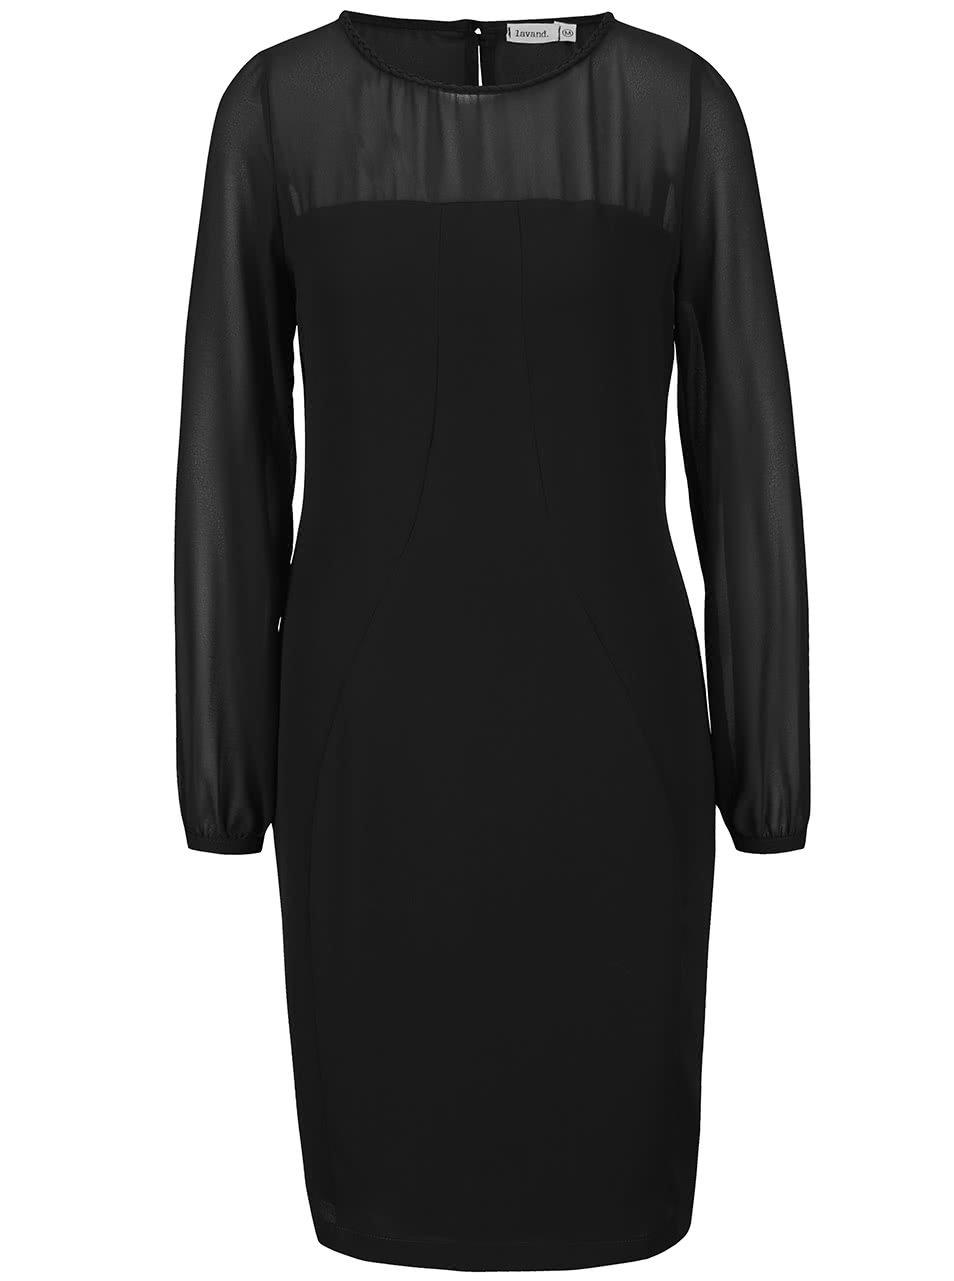 Černé šaty s průhlednými rukávy a dekoltem Lavand